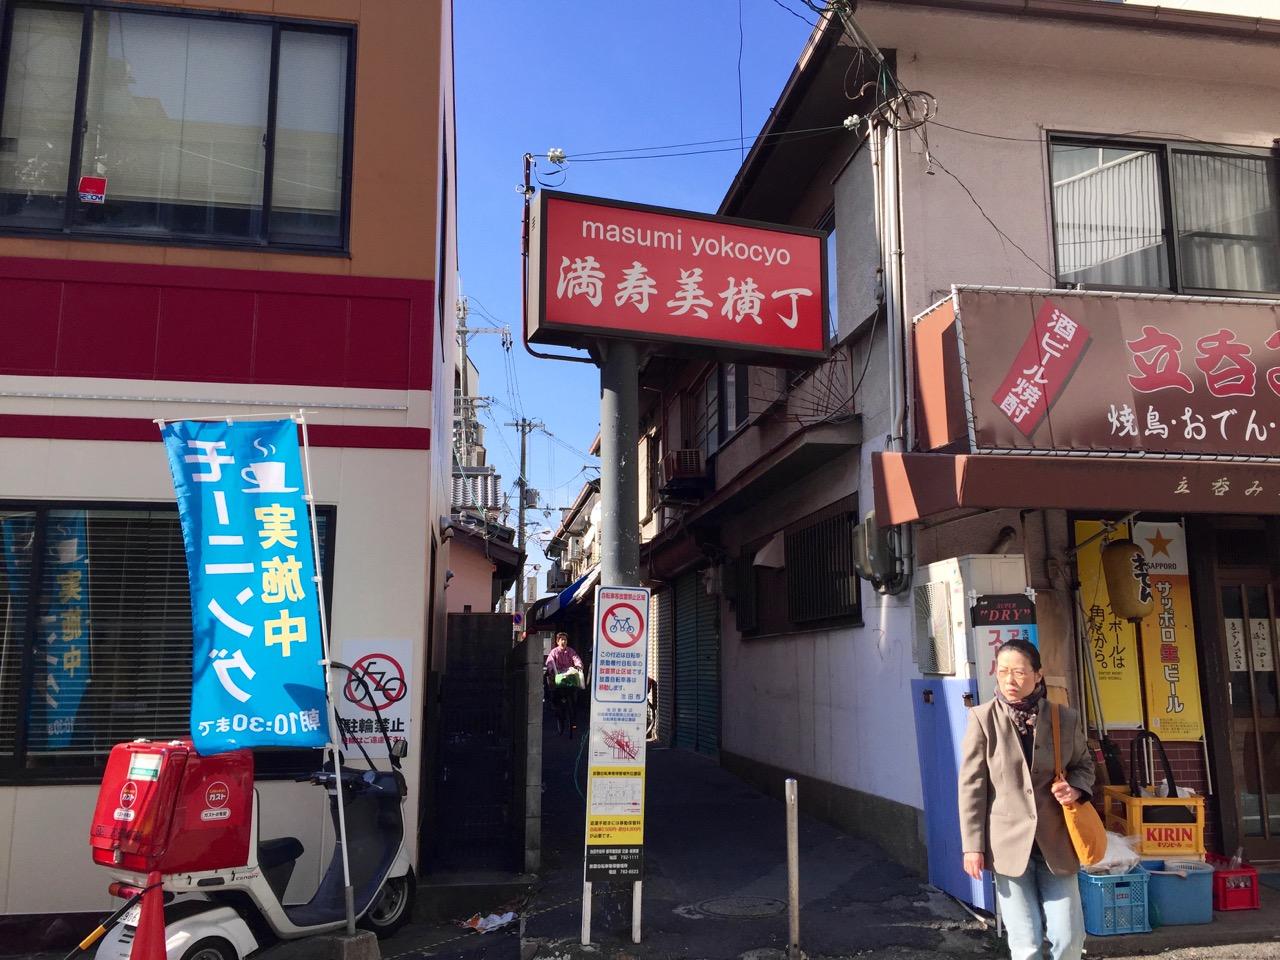 池田駅前にある「満寿美横丁」